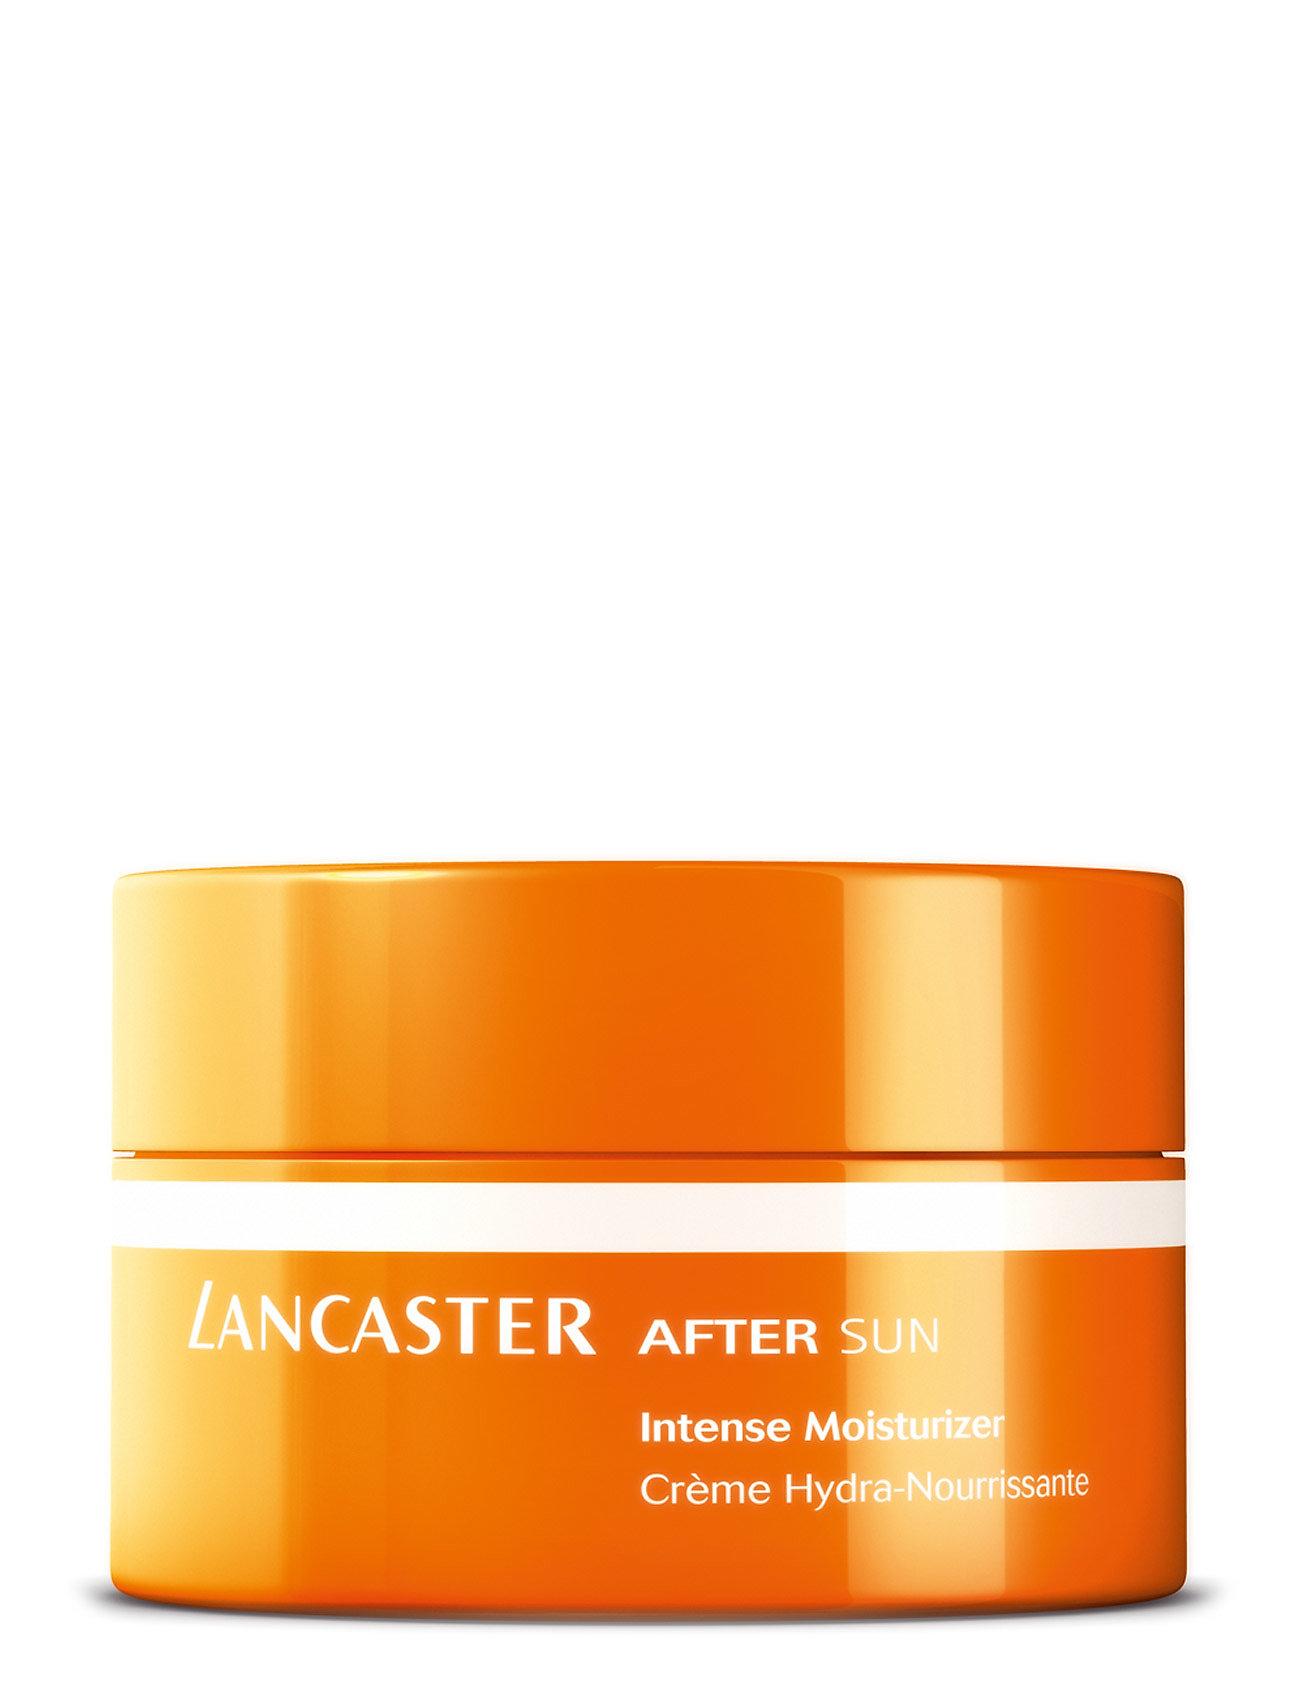 Image of After Sun As Intense Moisturizer Body-Jar Beauty MEN Skin Care After Sun Care Nude Lancaster (3377568425)